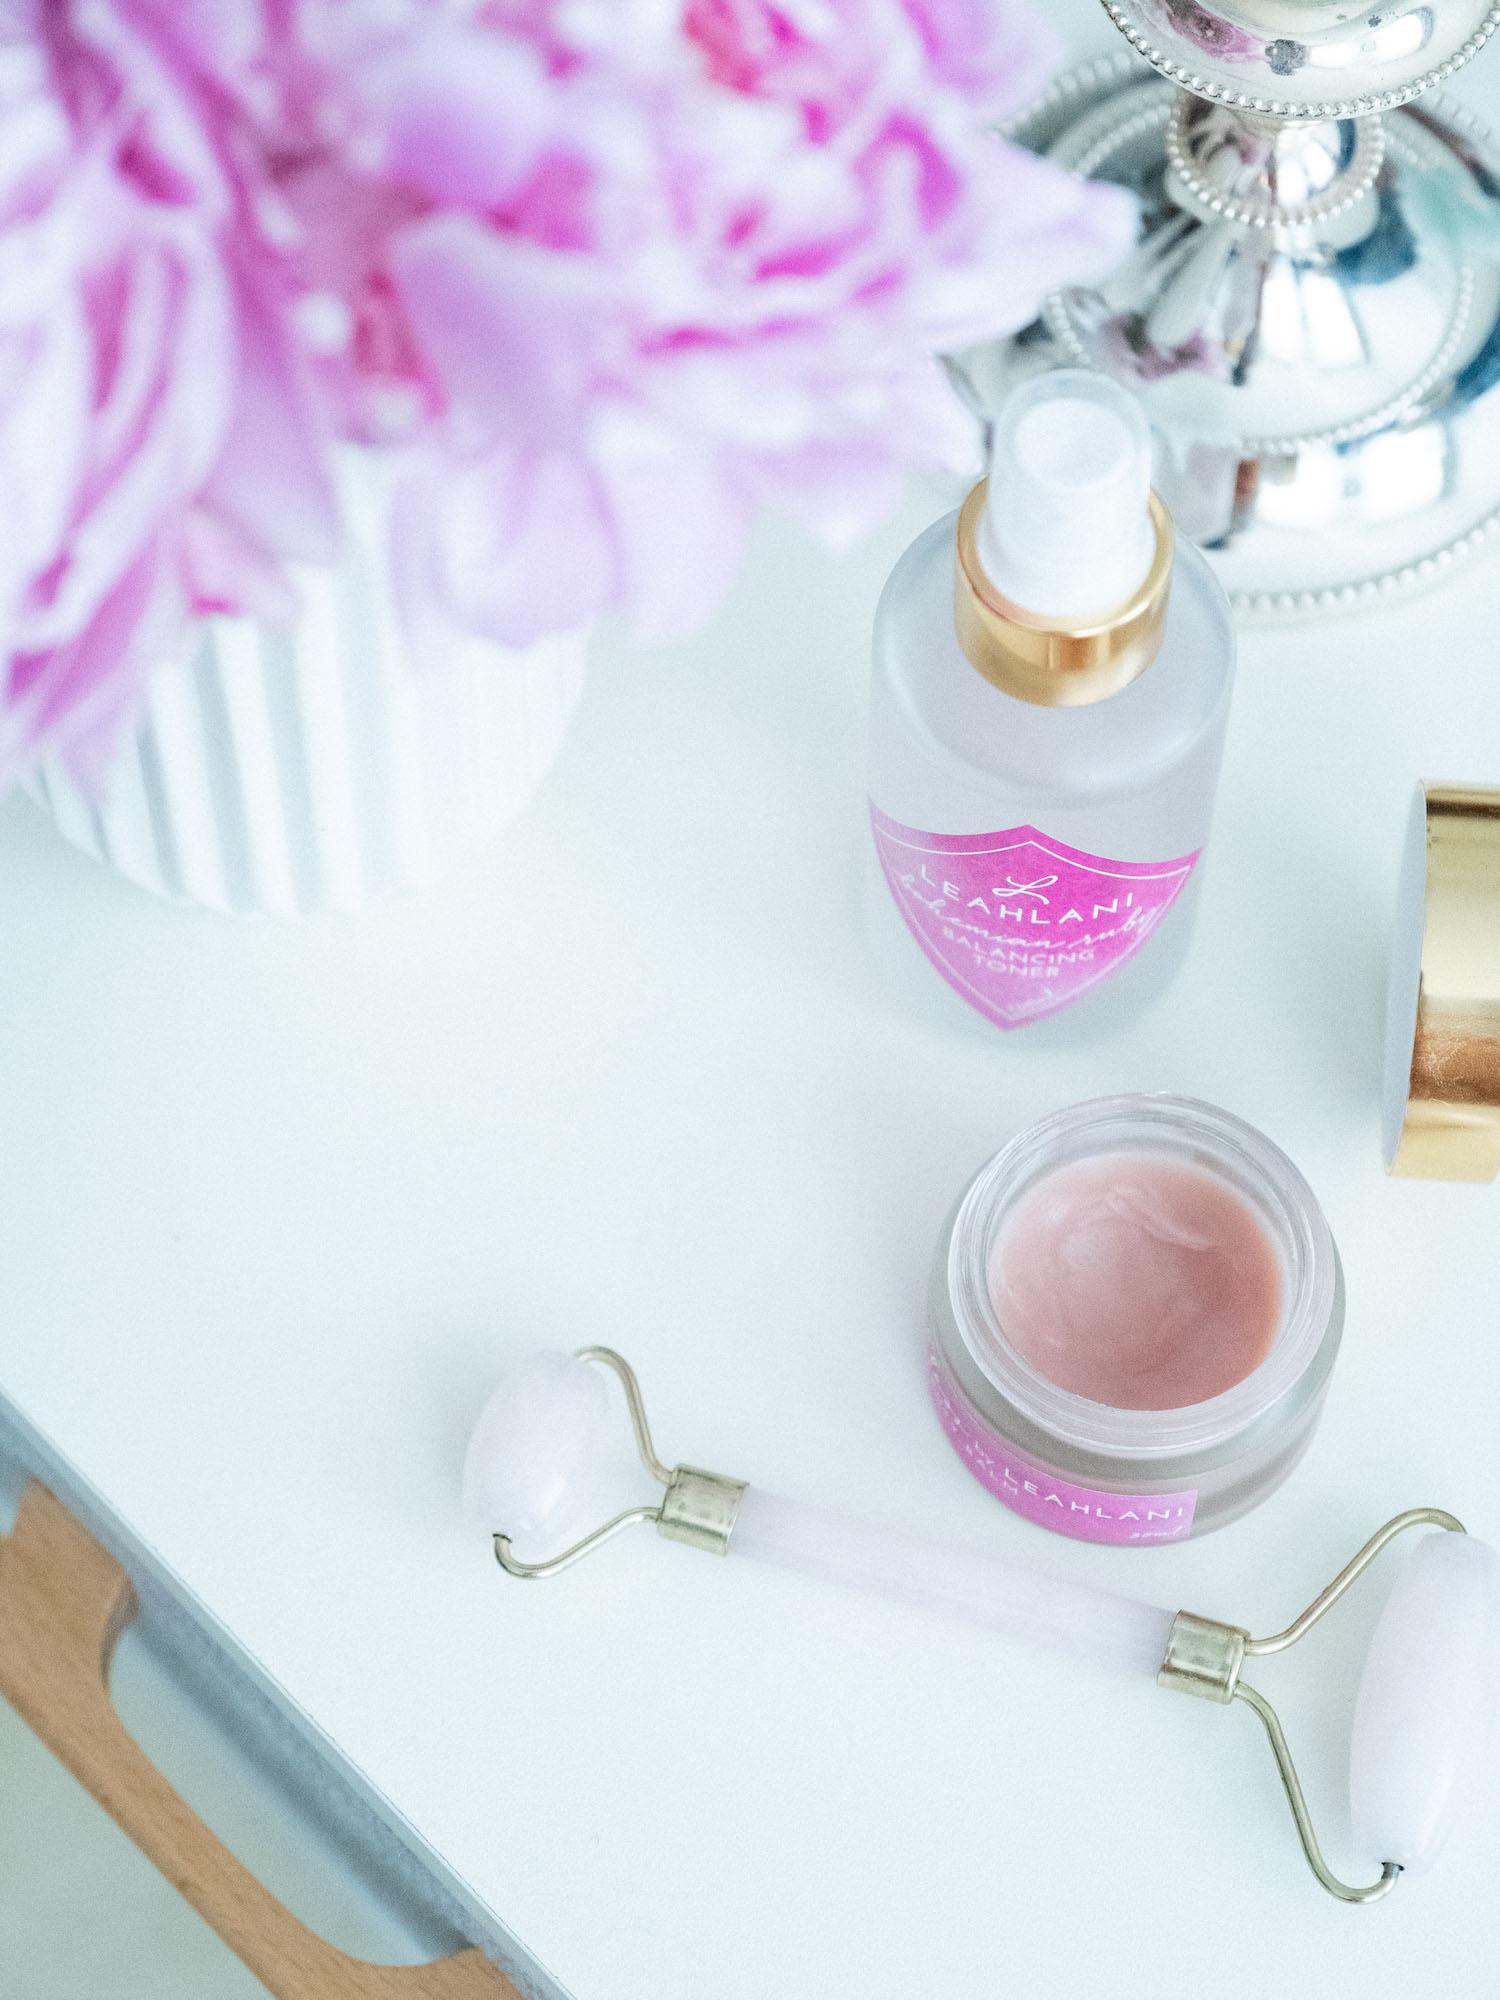 Beautyblog Sarah Khurshid Leahlani Skincare Balm